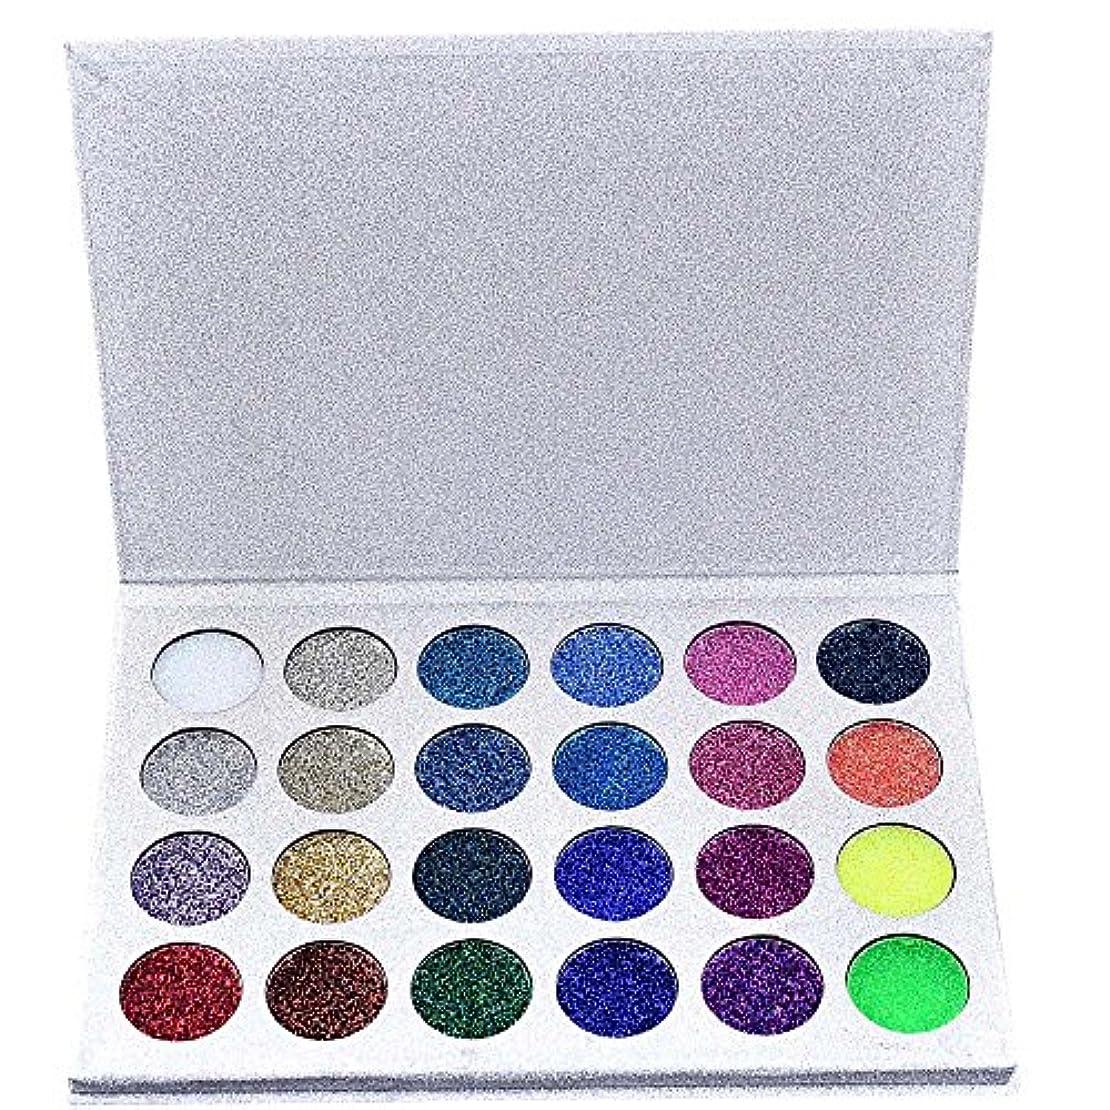 均等に突破口蒸発24色化粧品パウダーアイシャドーパレットメイクナチュラルシマーマットセット